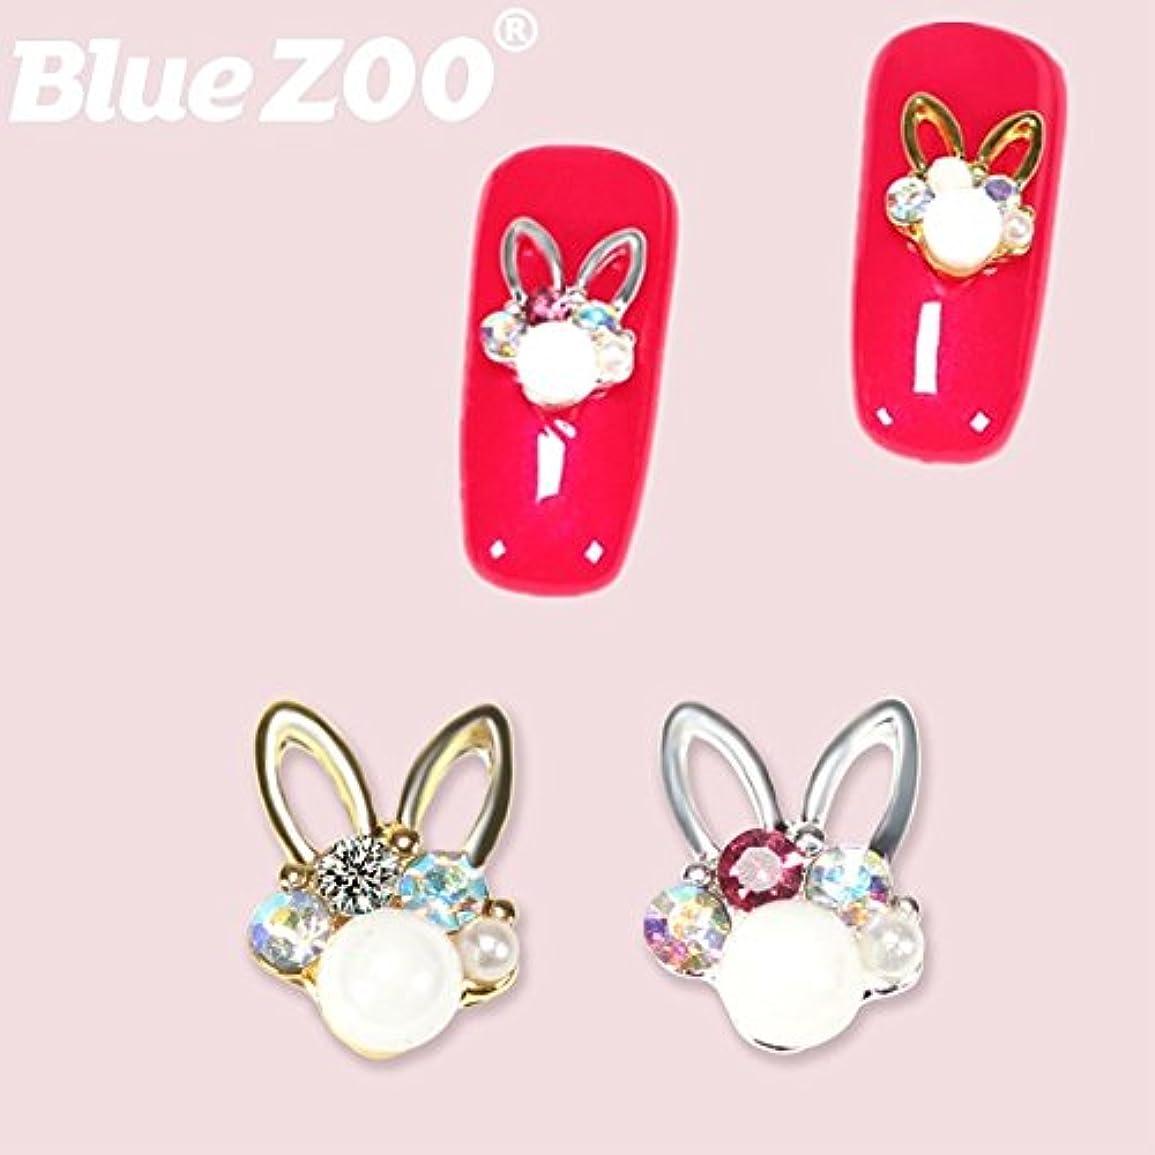 再撮り明るい無条件BlueZOO (ブルーズー) キュートラビット シルバー ネイル デコレーション 10個入り 合金ウサギ ラインストーン スタッズ ジェルネイルアートアクセサリー